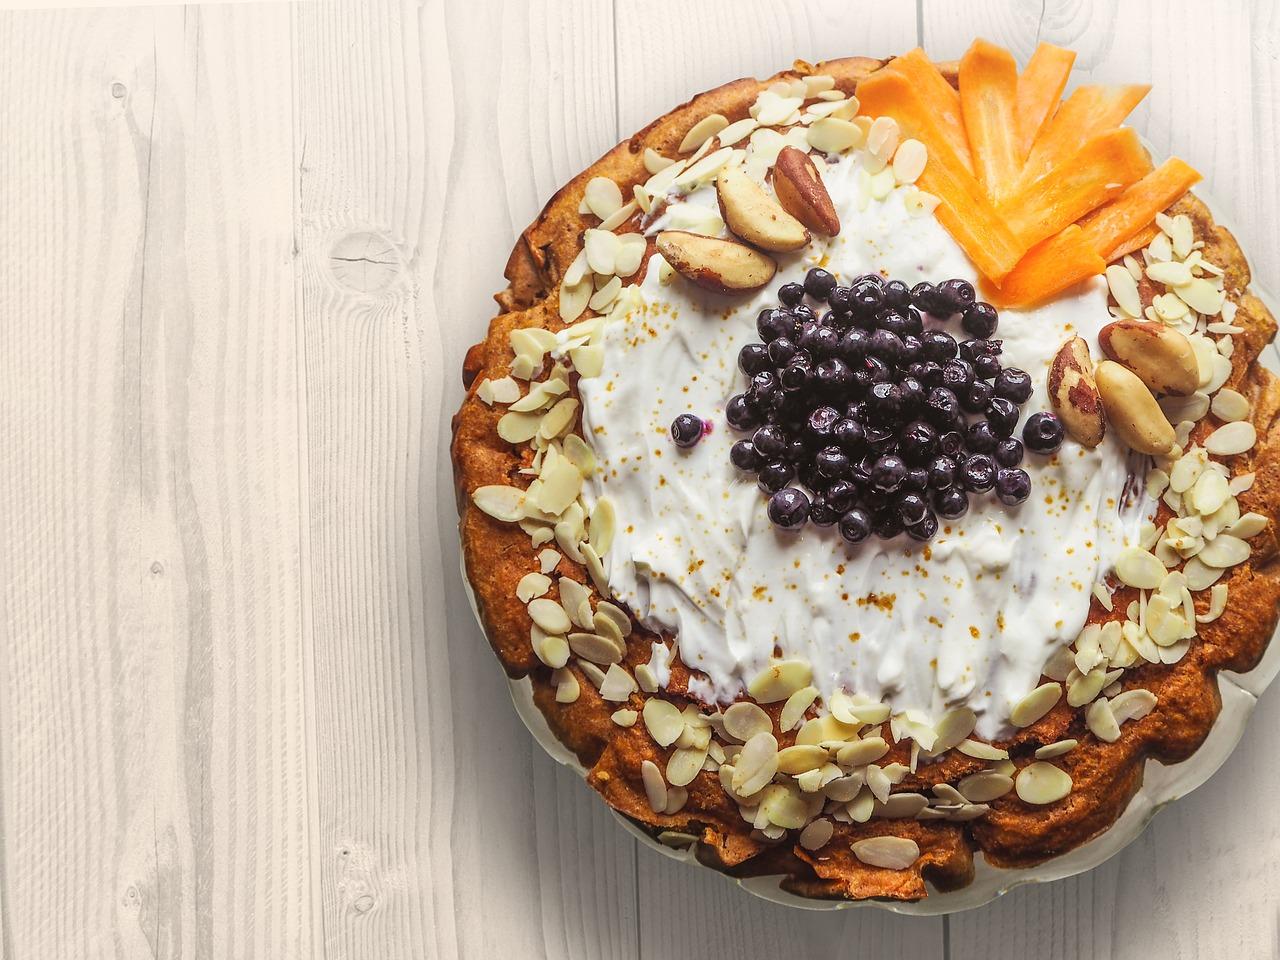 A freshly baked cake | CC0 Pixabay